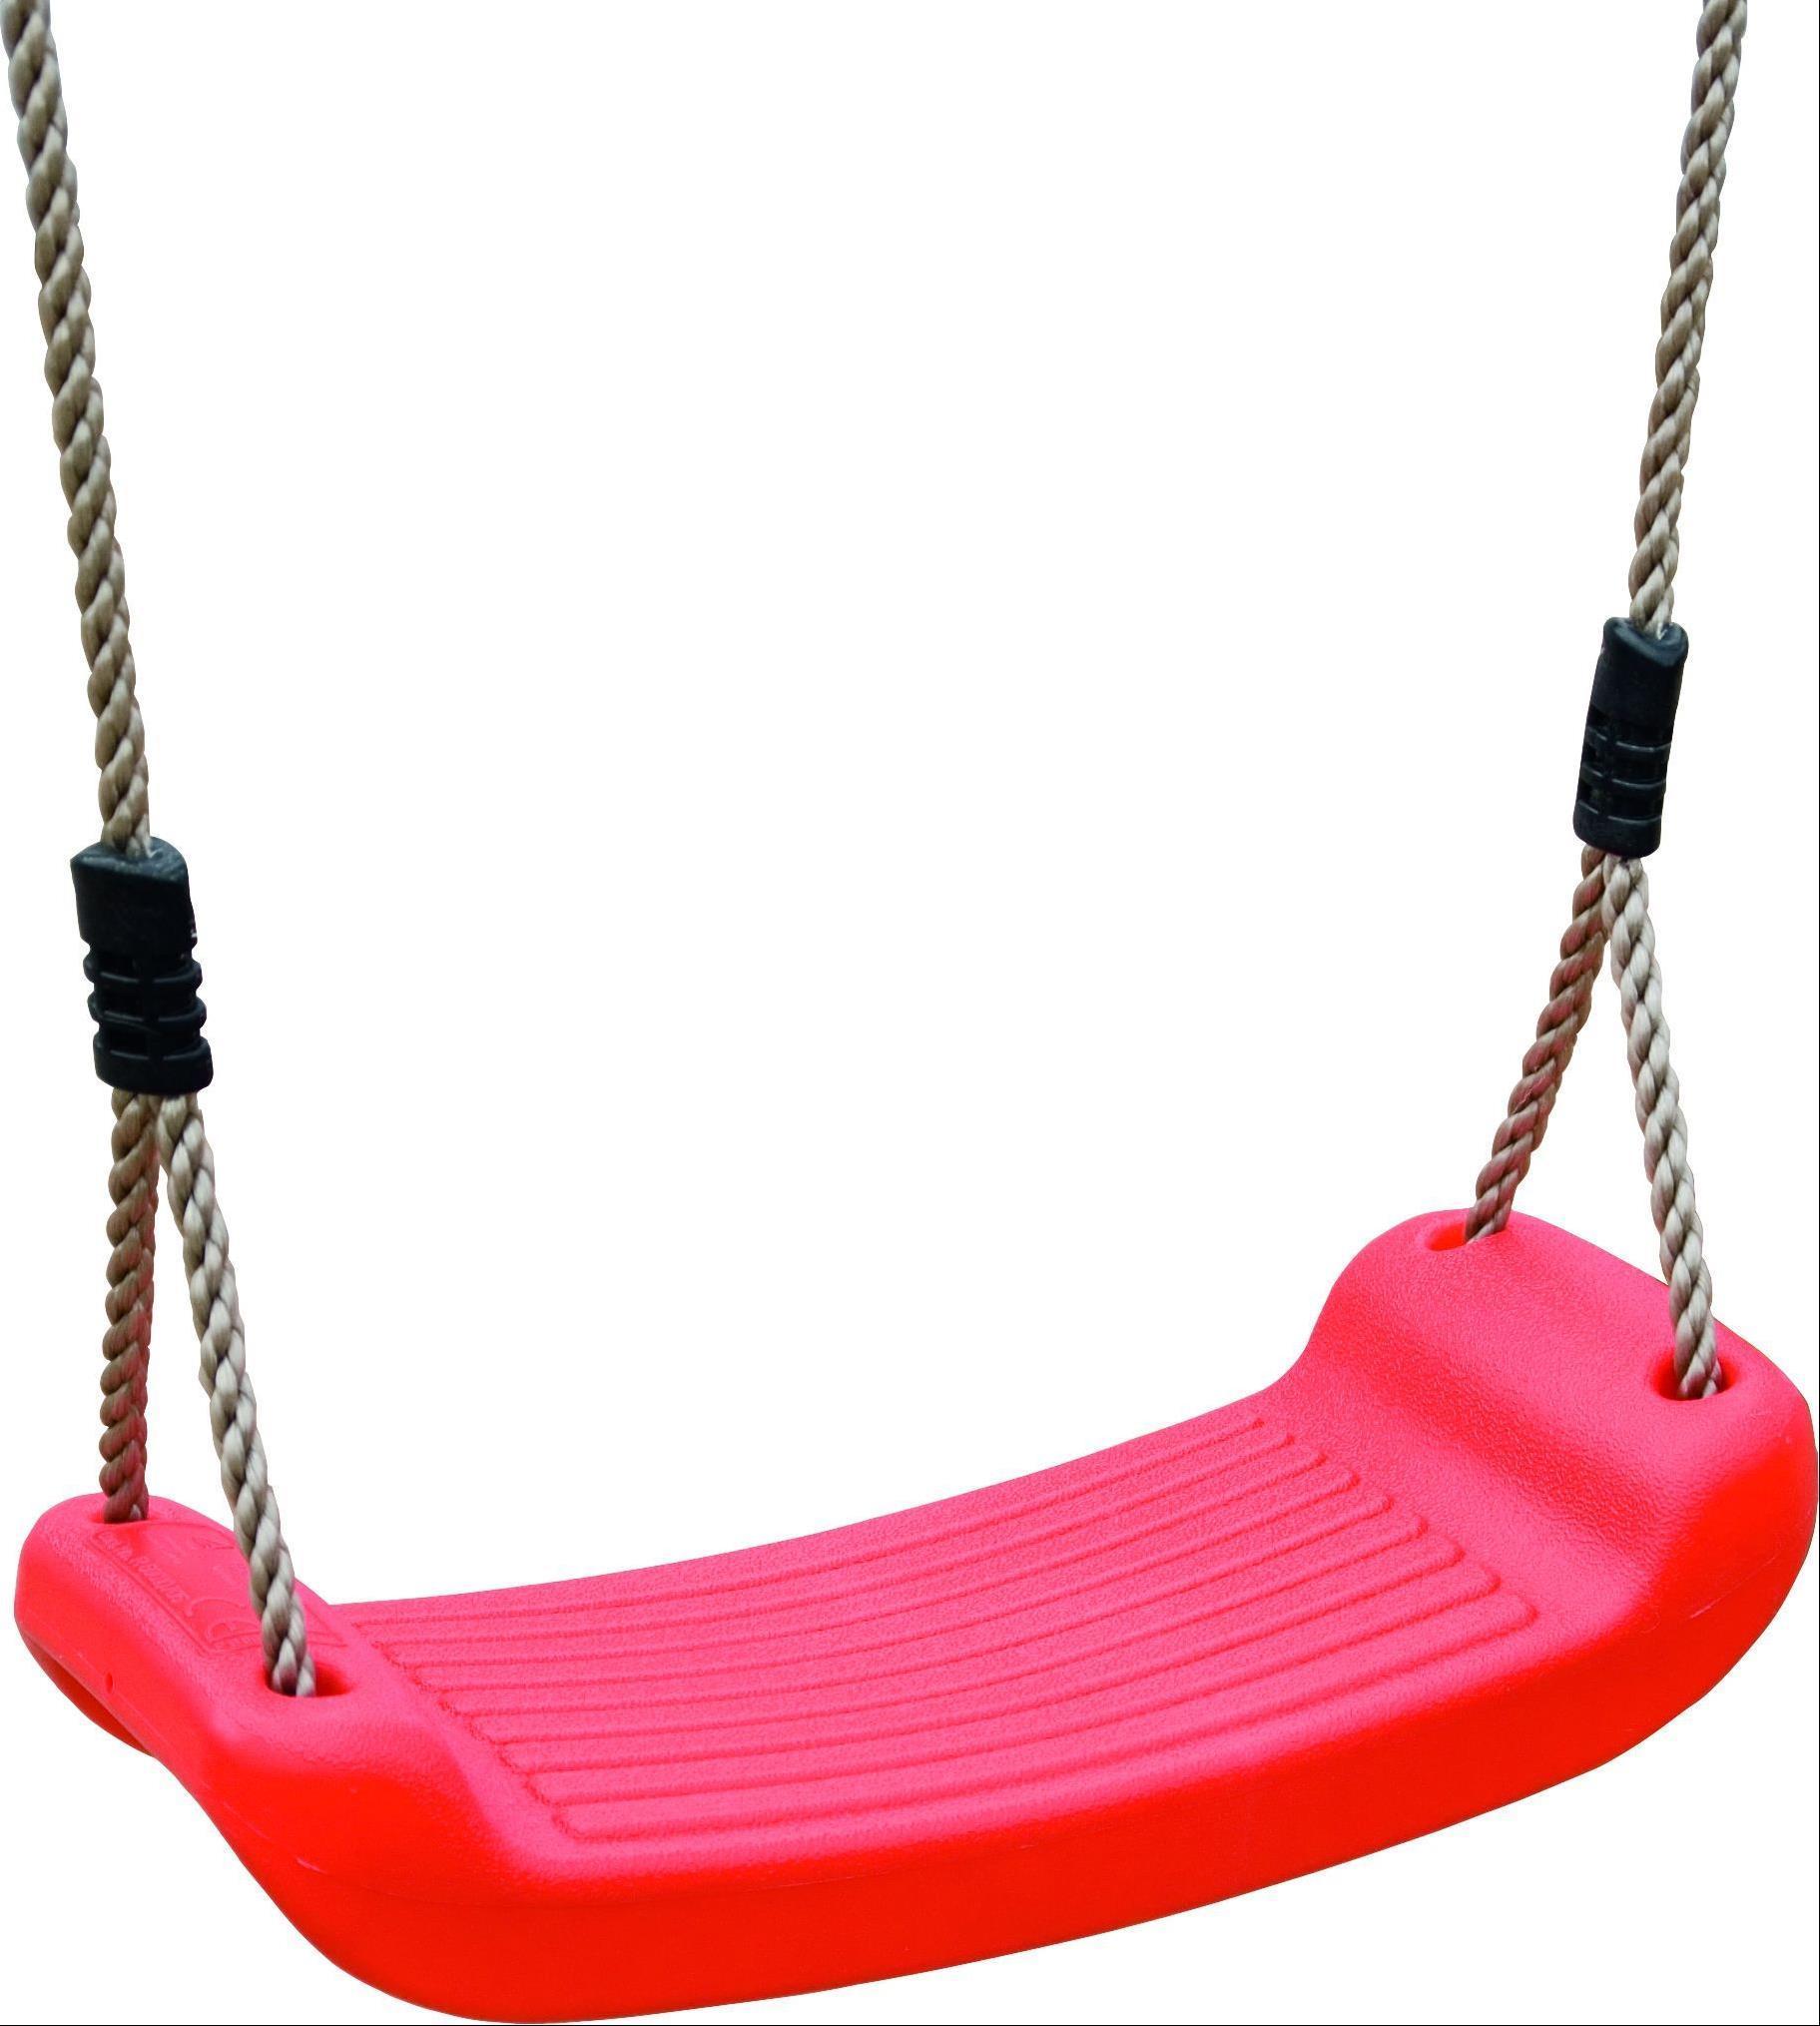 Spielturm Karibu Akubi Danny Set B Doppelschaukel +Rutsche rot Bild 6